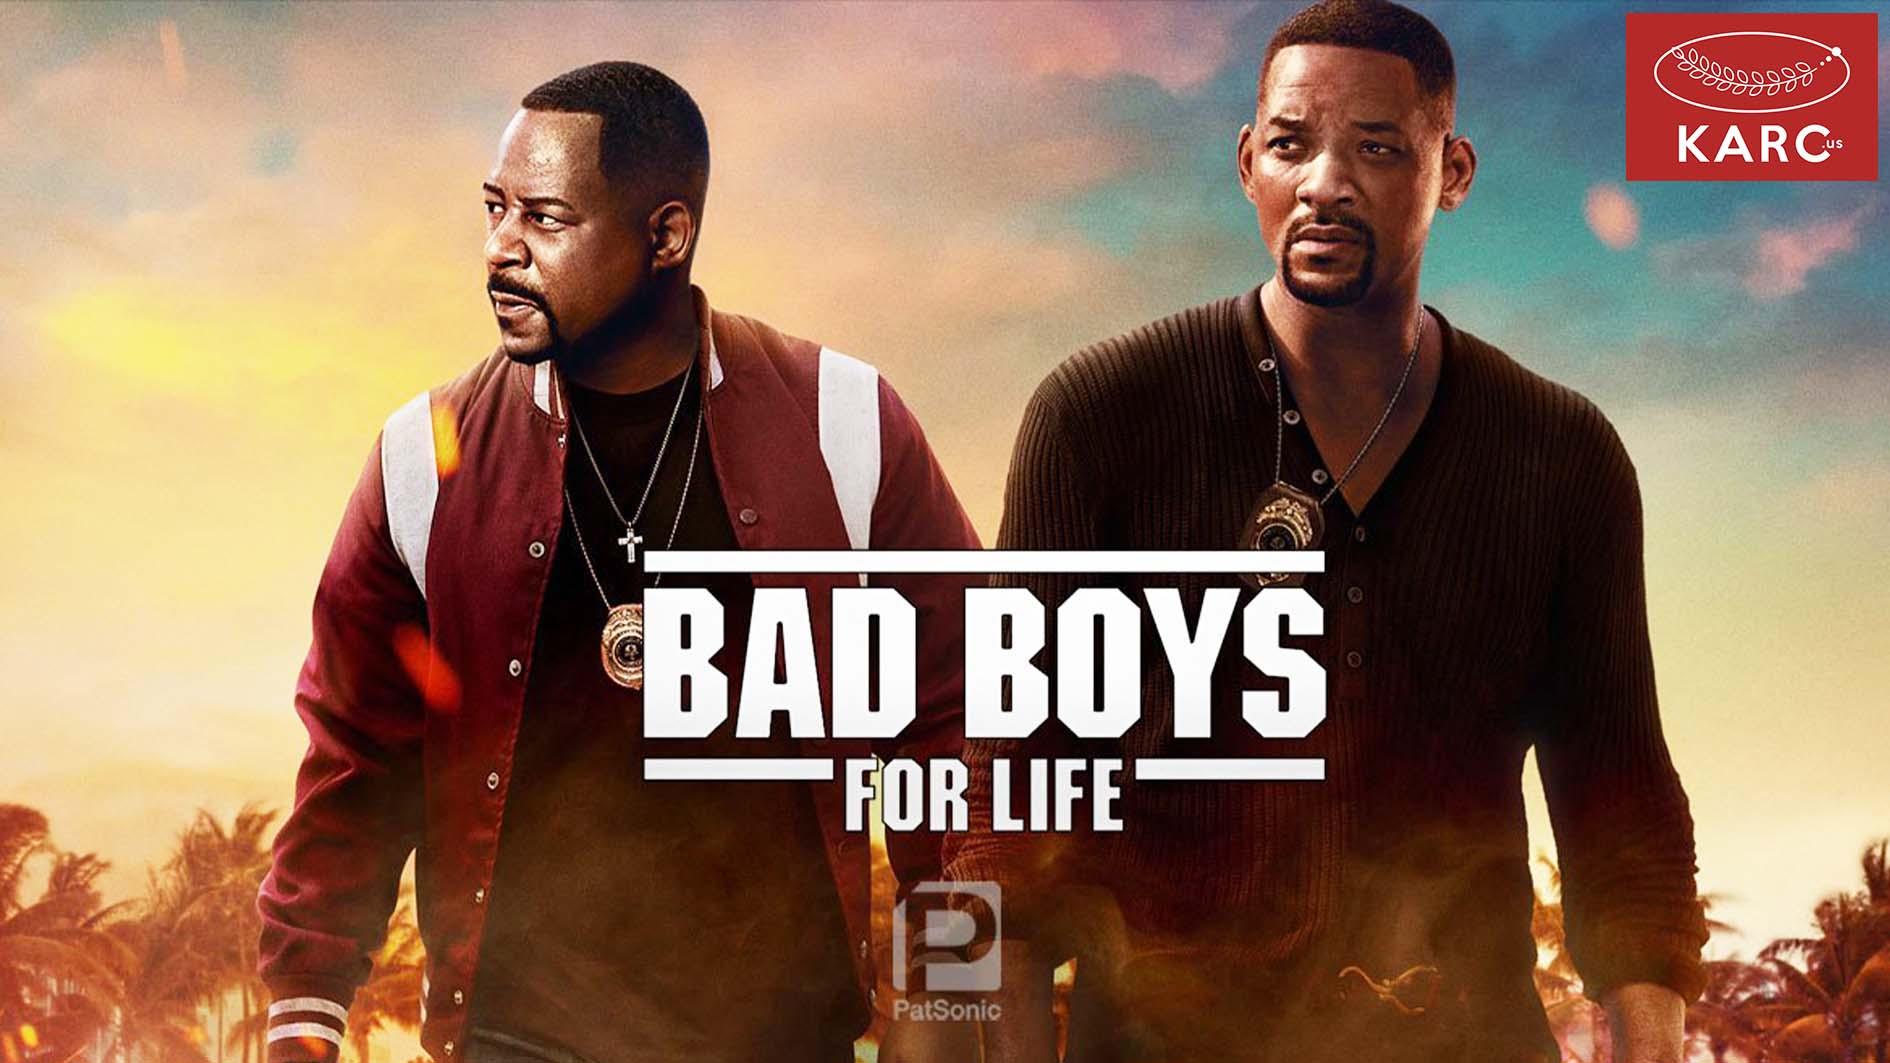 รีวิว Bad Boys for Life ตำรวจยุค 90s กลับมาอีกครั้ง - Karc.us